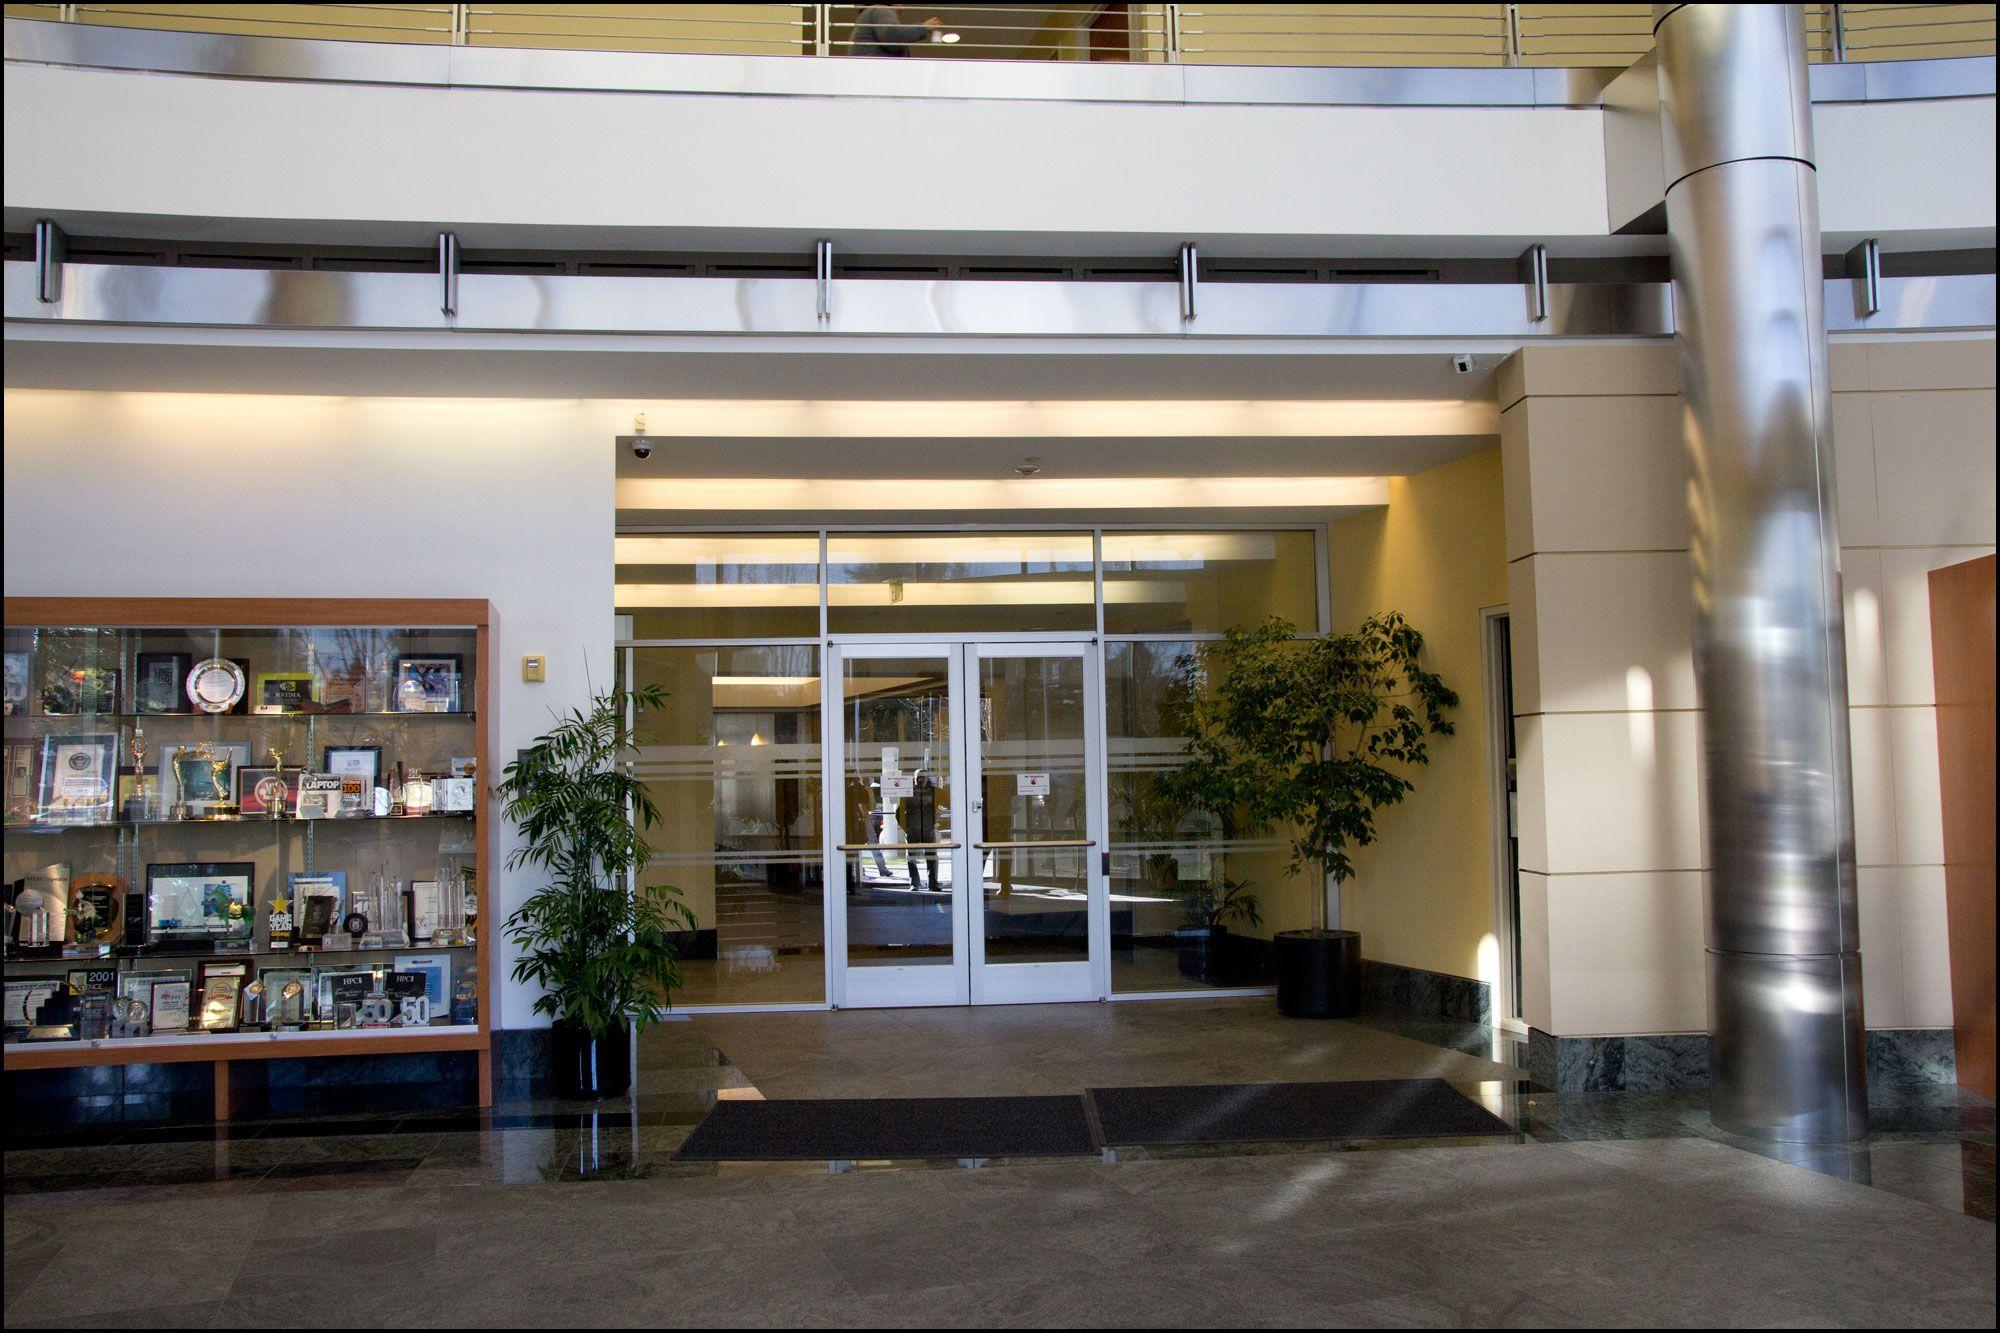 Døren som leder inn til hjertet av Nvidias hovedkvarter fra resepsjonsområdet.